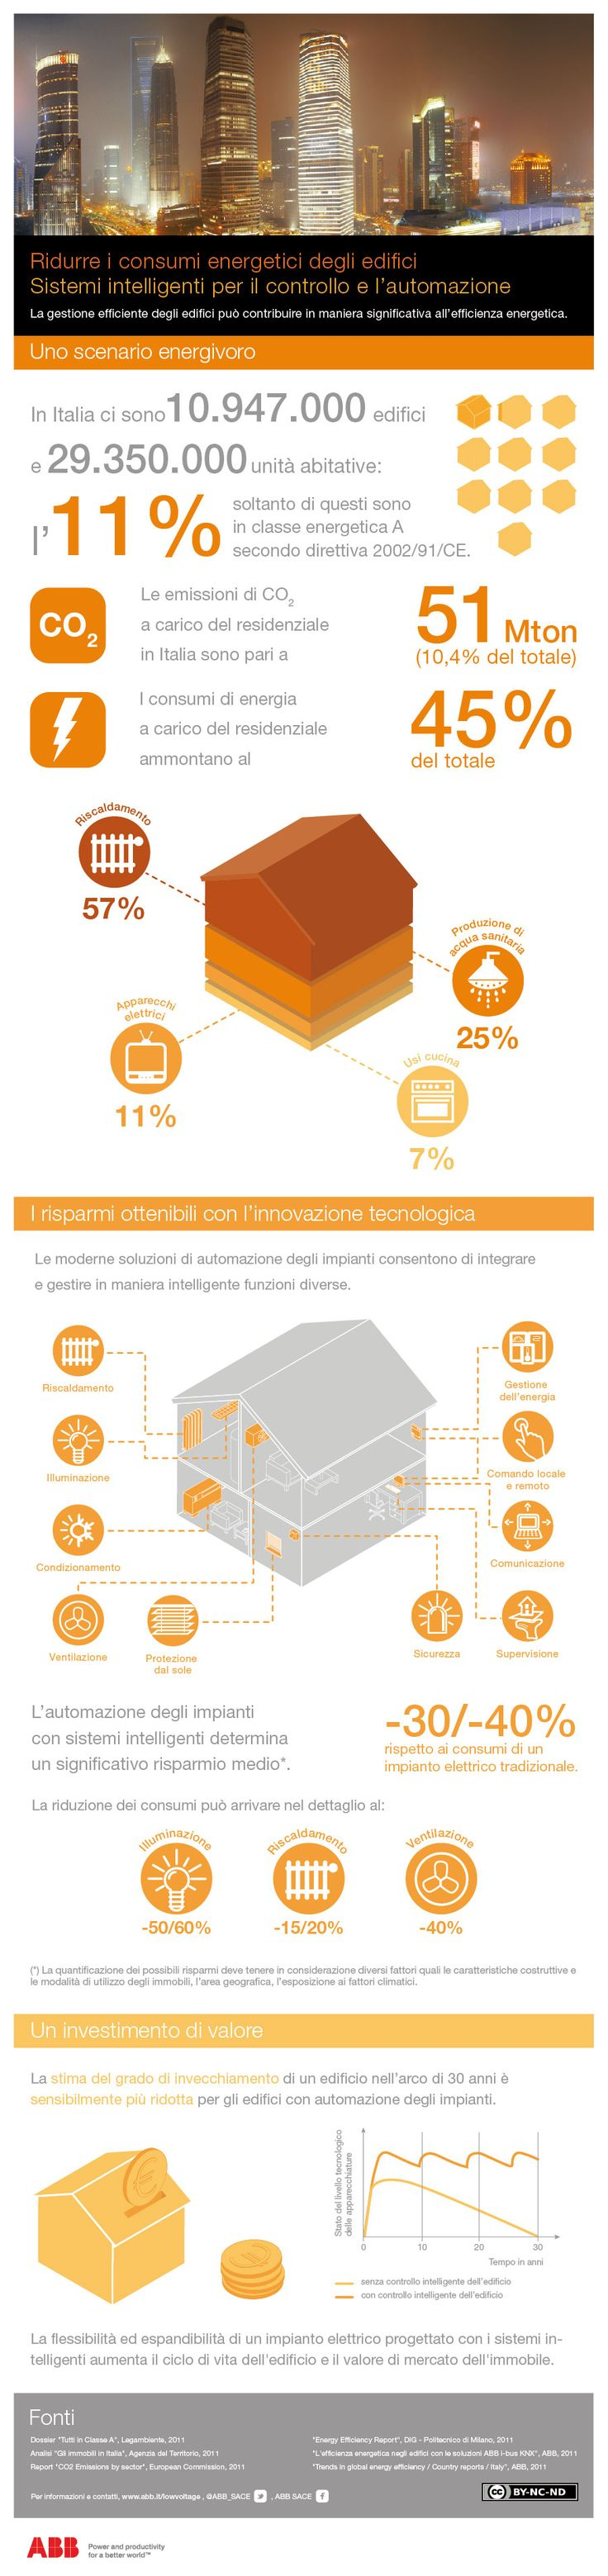 Energieverbrauch von Gebäuden